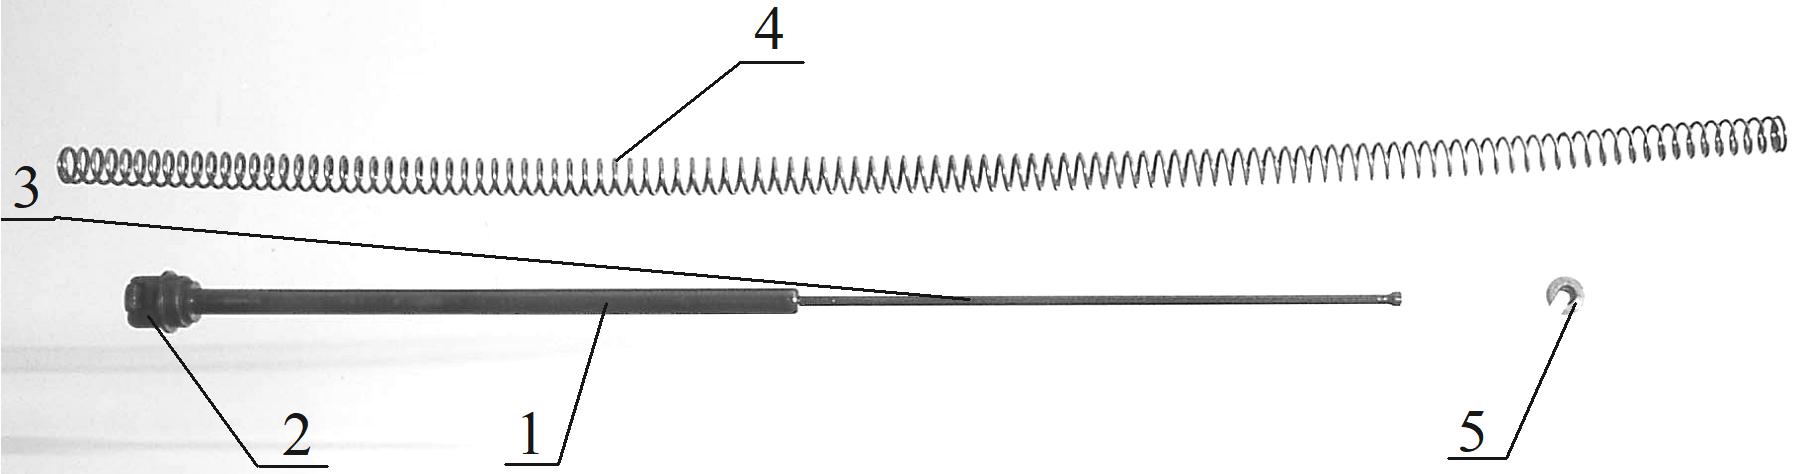 Рисунок 2.13 – Возвратный механизм СР2М